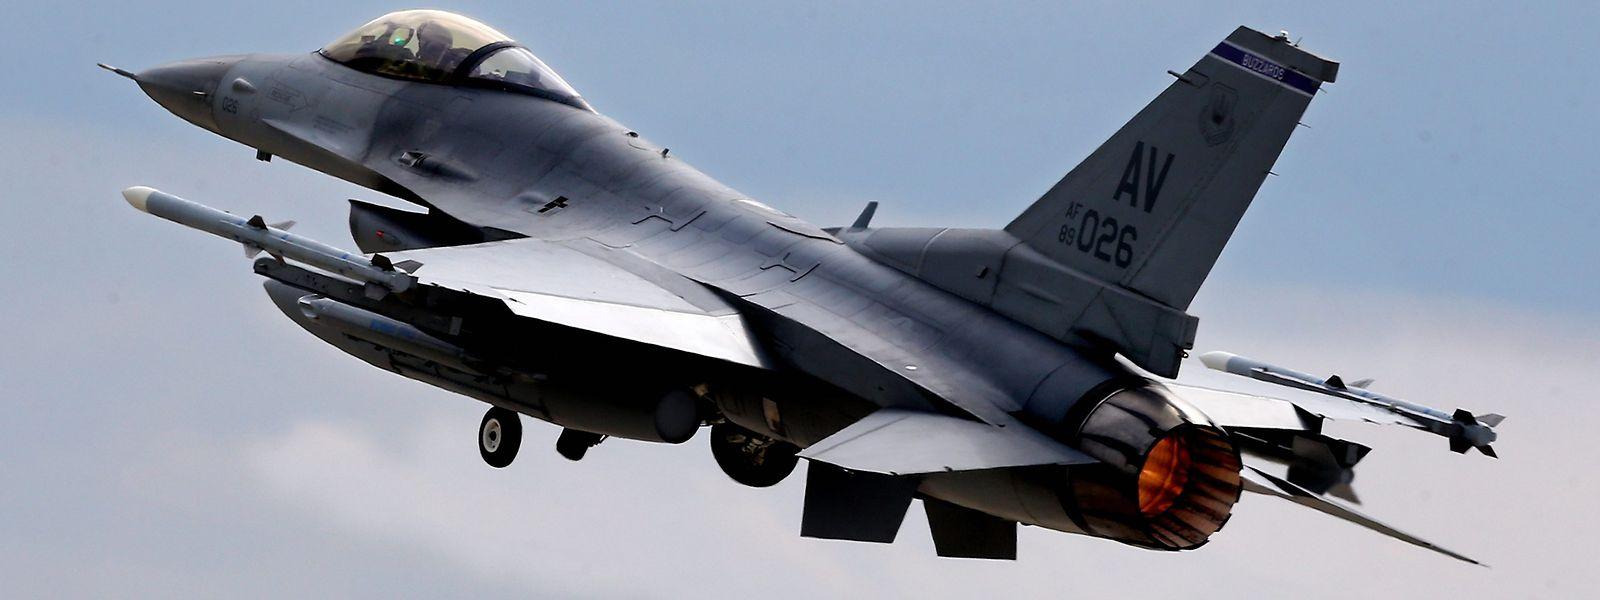 Ein F16-Kampfflugzeug der US Air Force startet während eines rumänisch-amerikanischen Manövers.